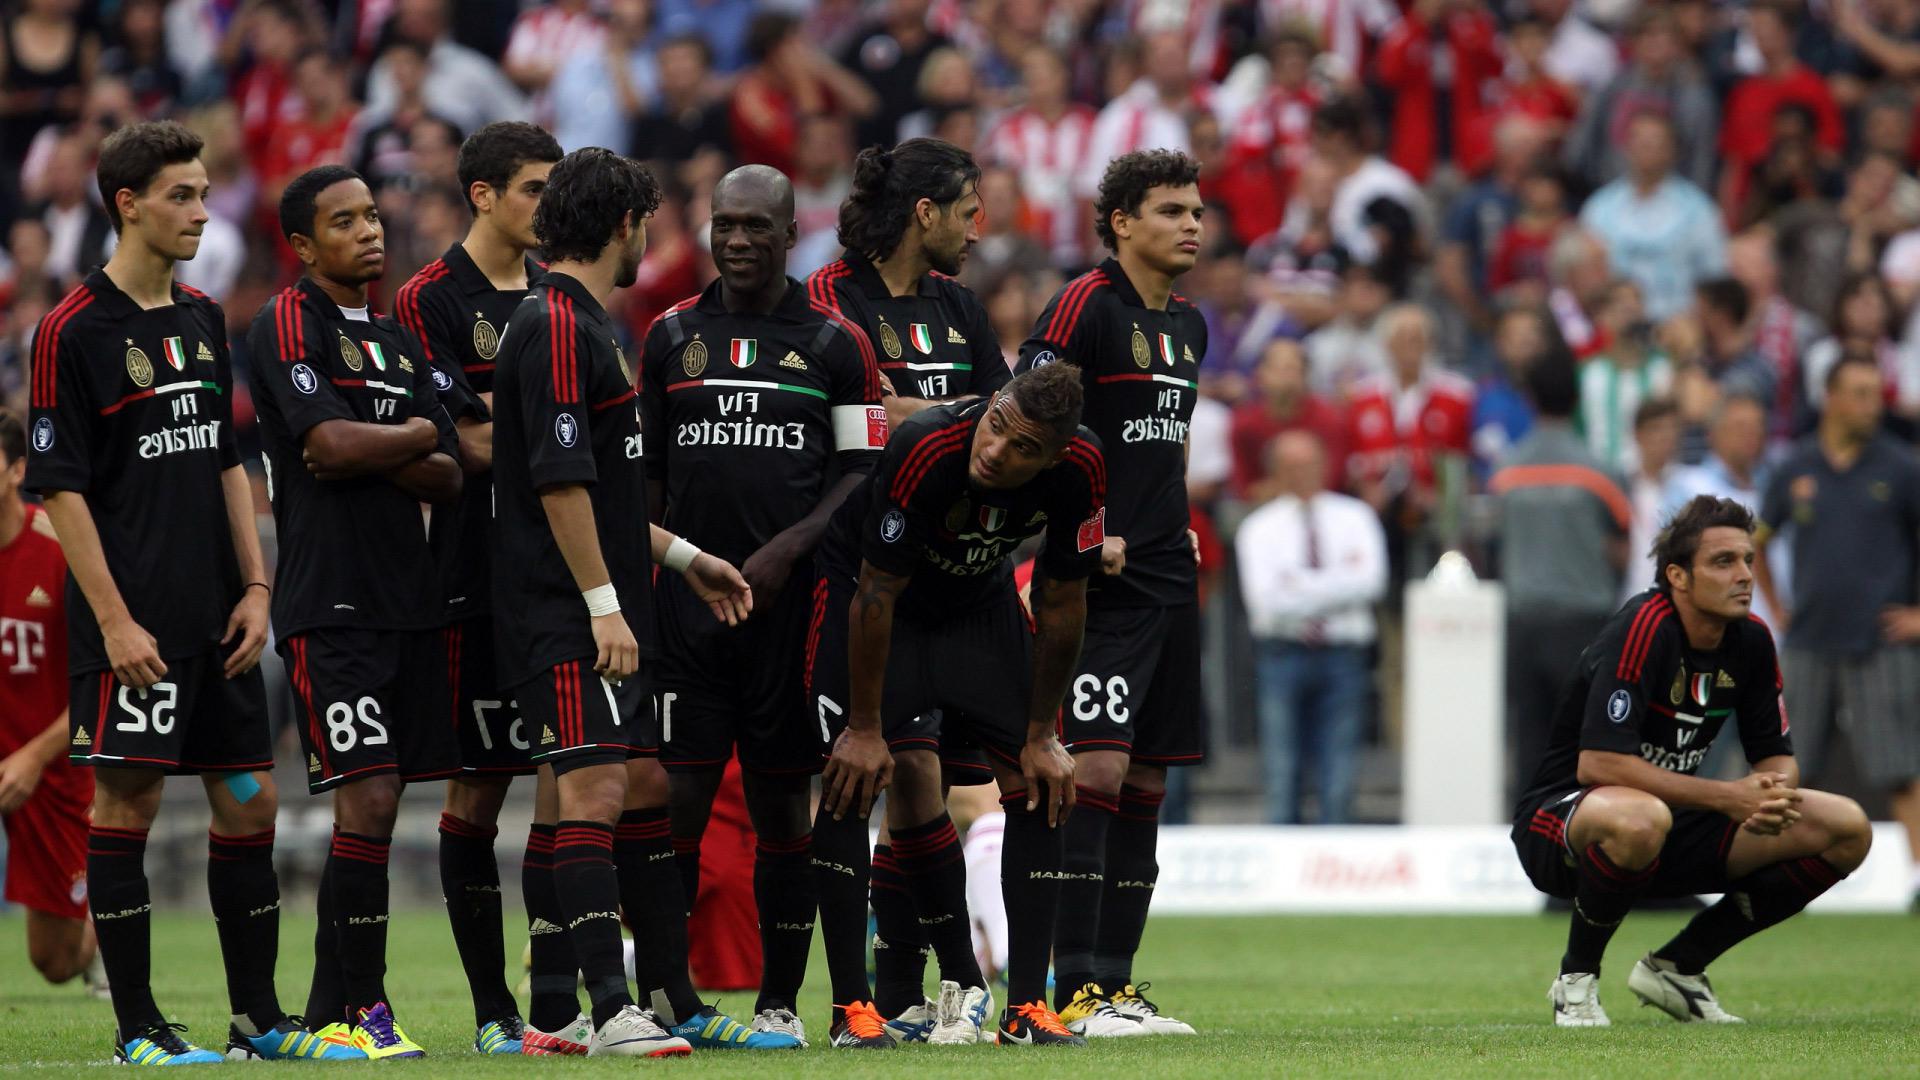 динамо челси онлайн Wallpaper: Обои Футбольный клуб Милан, картинки